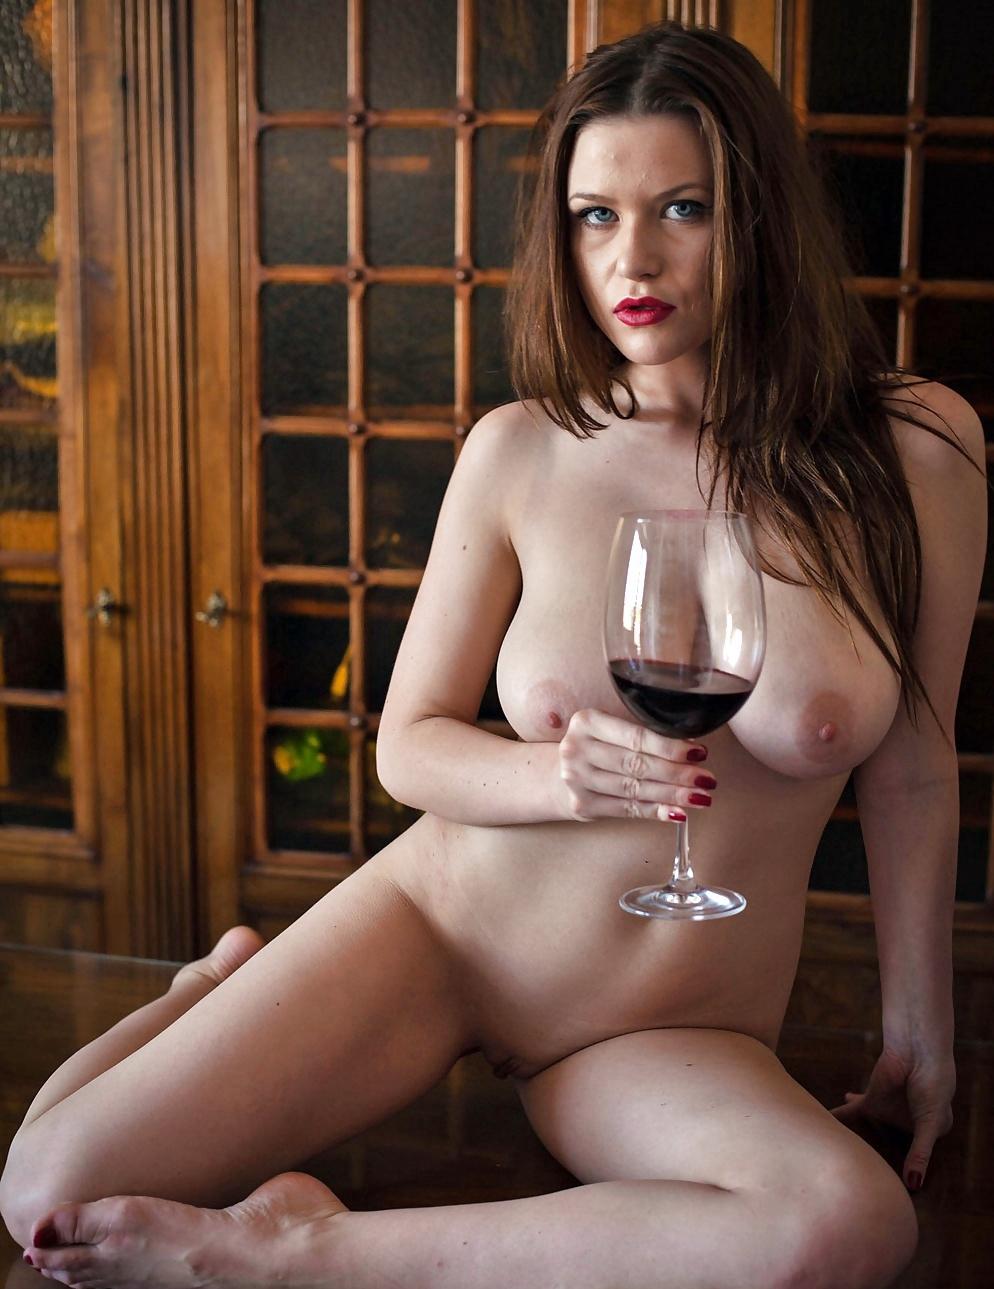 Голая с бокалом вина